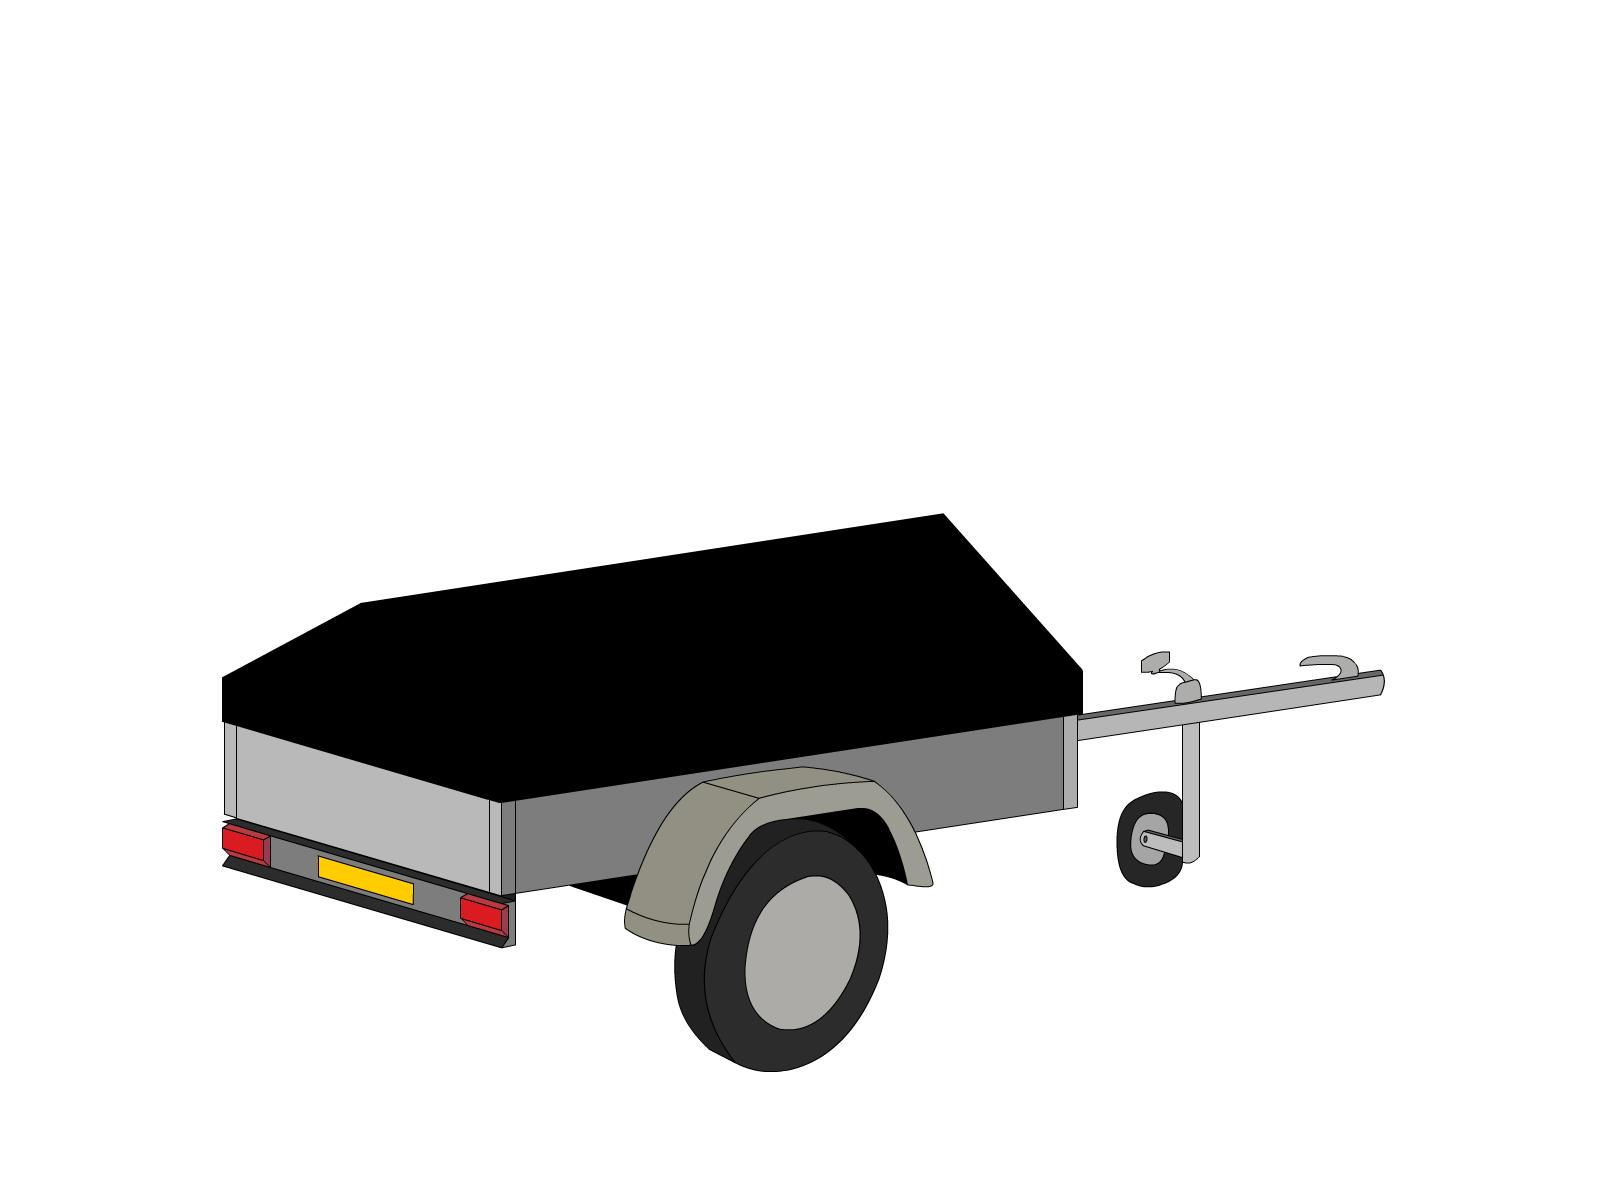 Bâche pour remorque bagagère basse flèche 2 essieux